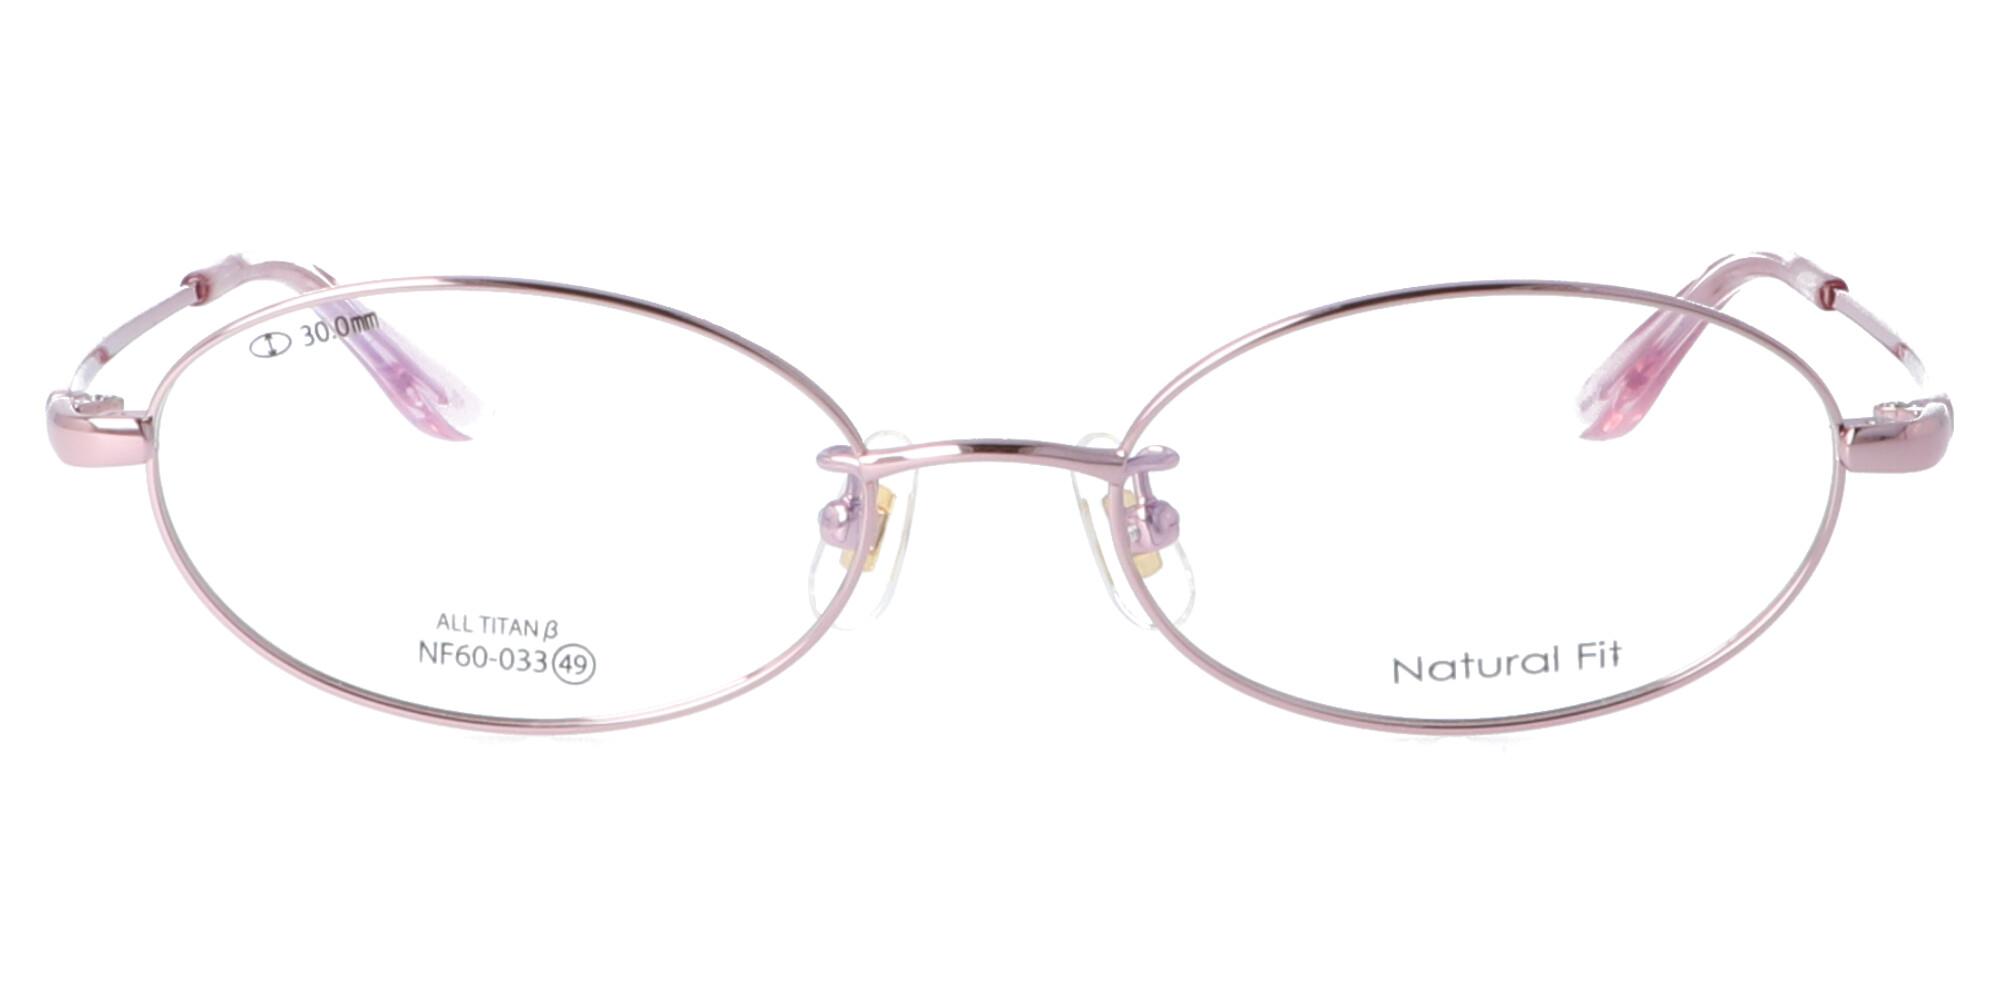 ナチュラルフィット NF60-033_49_ピンク